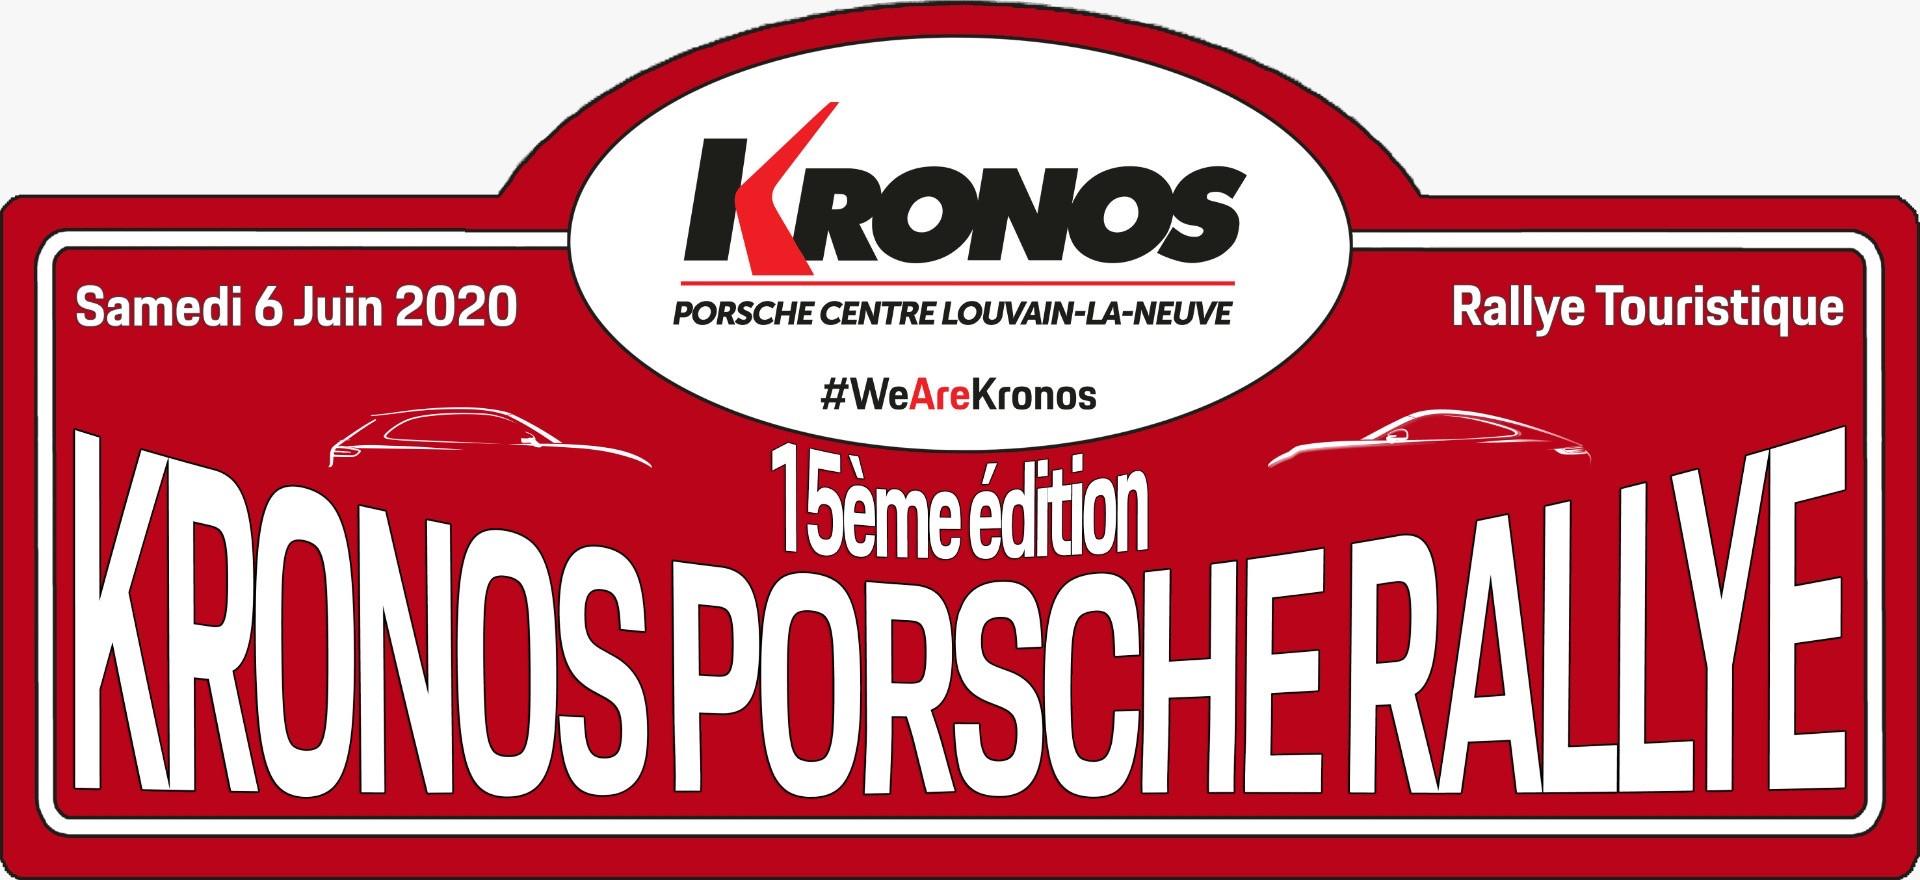 KRONOS PORSCHE RALLY 15ème édition